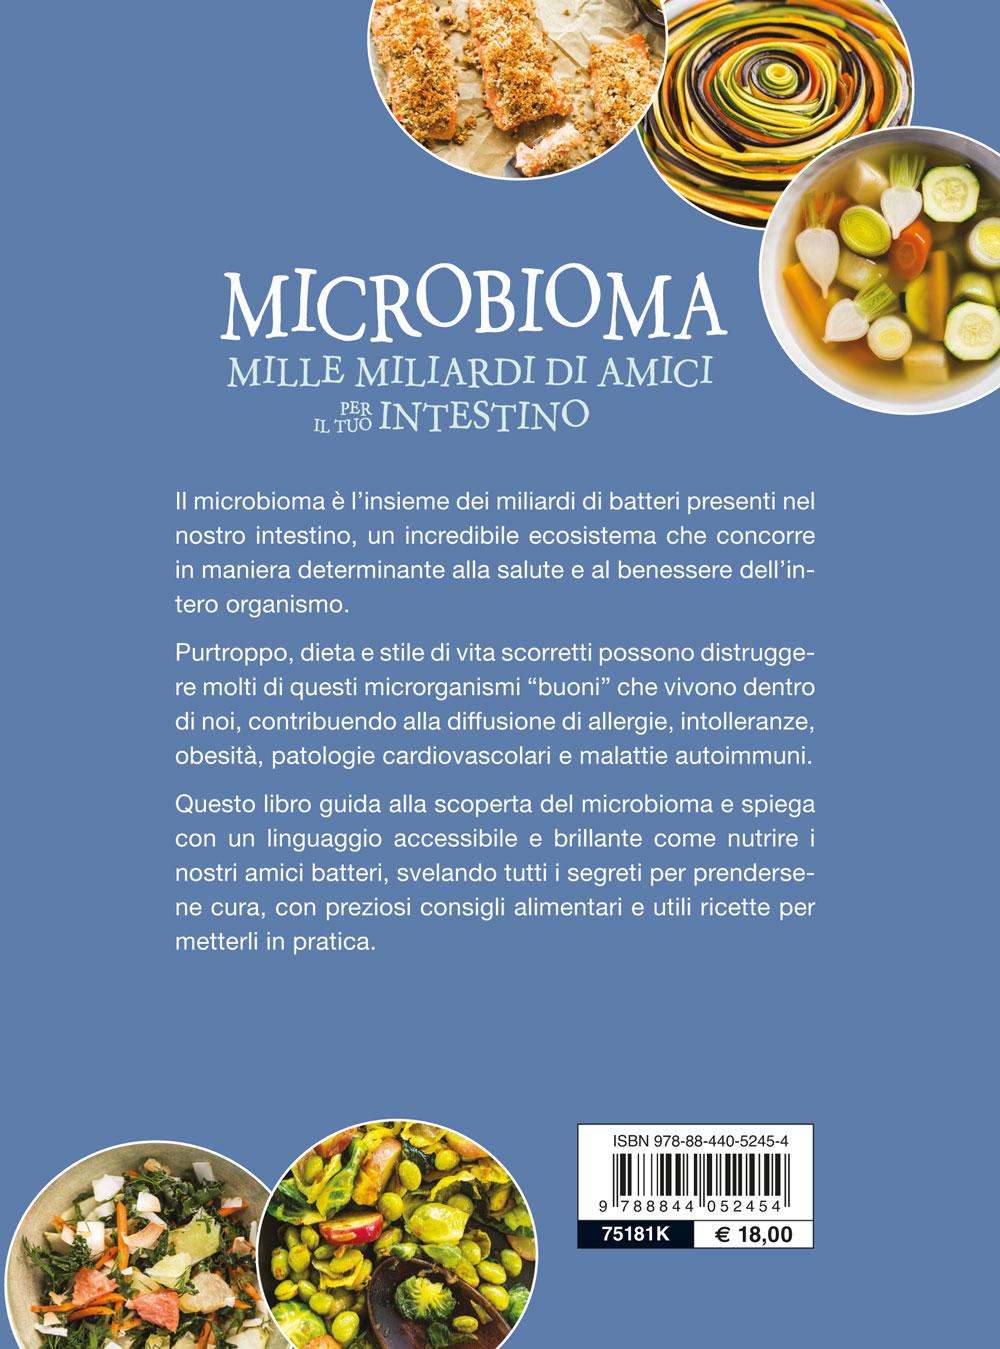 Microbioma. Mille miliardi di amici per il tuo intestino